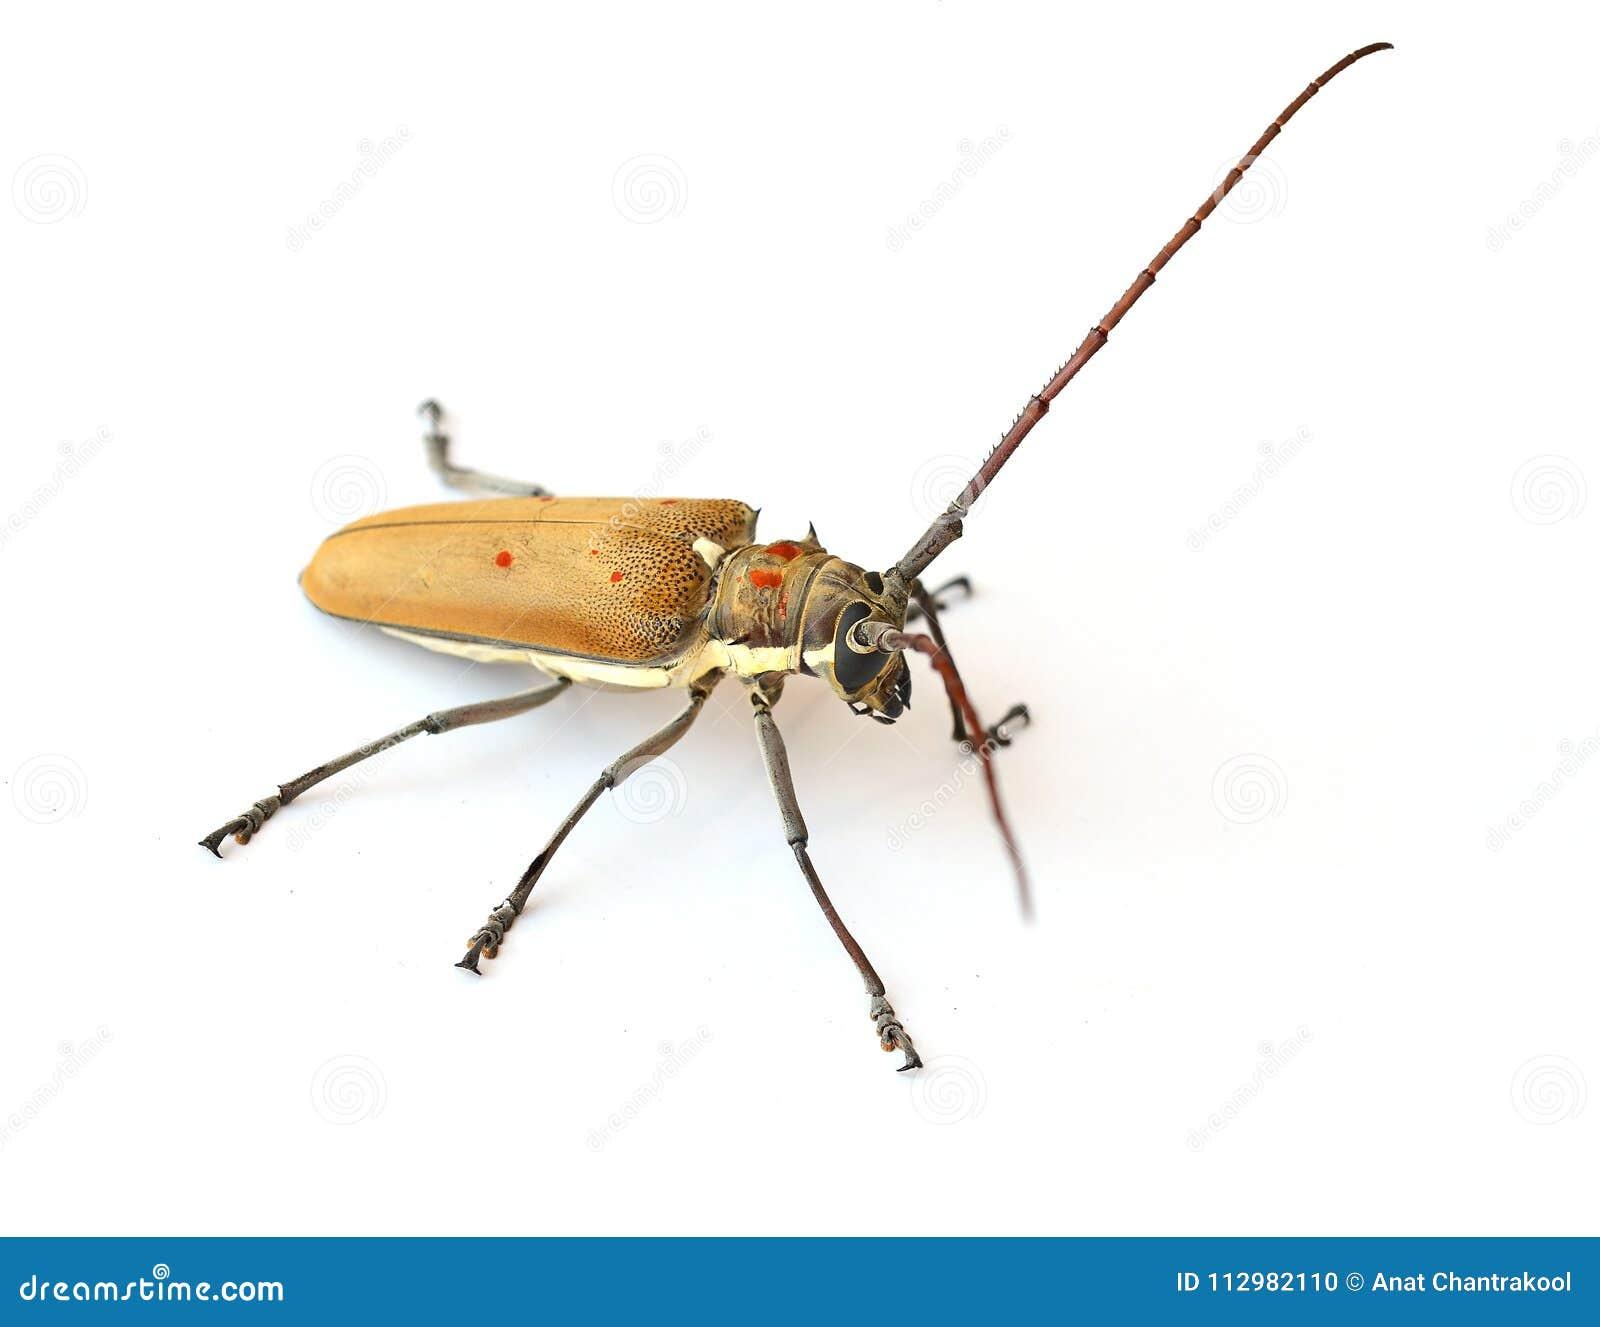 Bug isolated white background